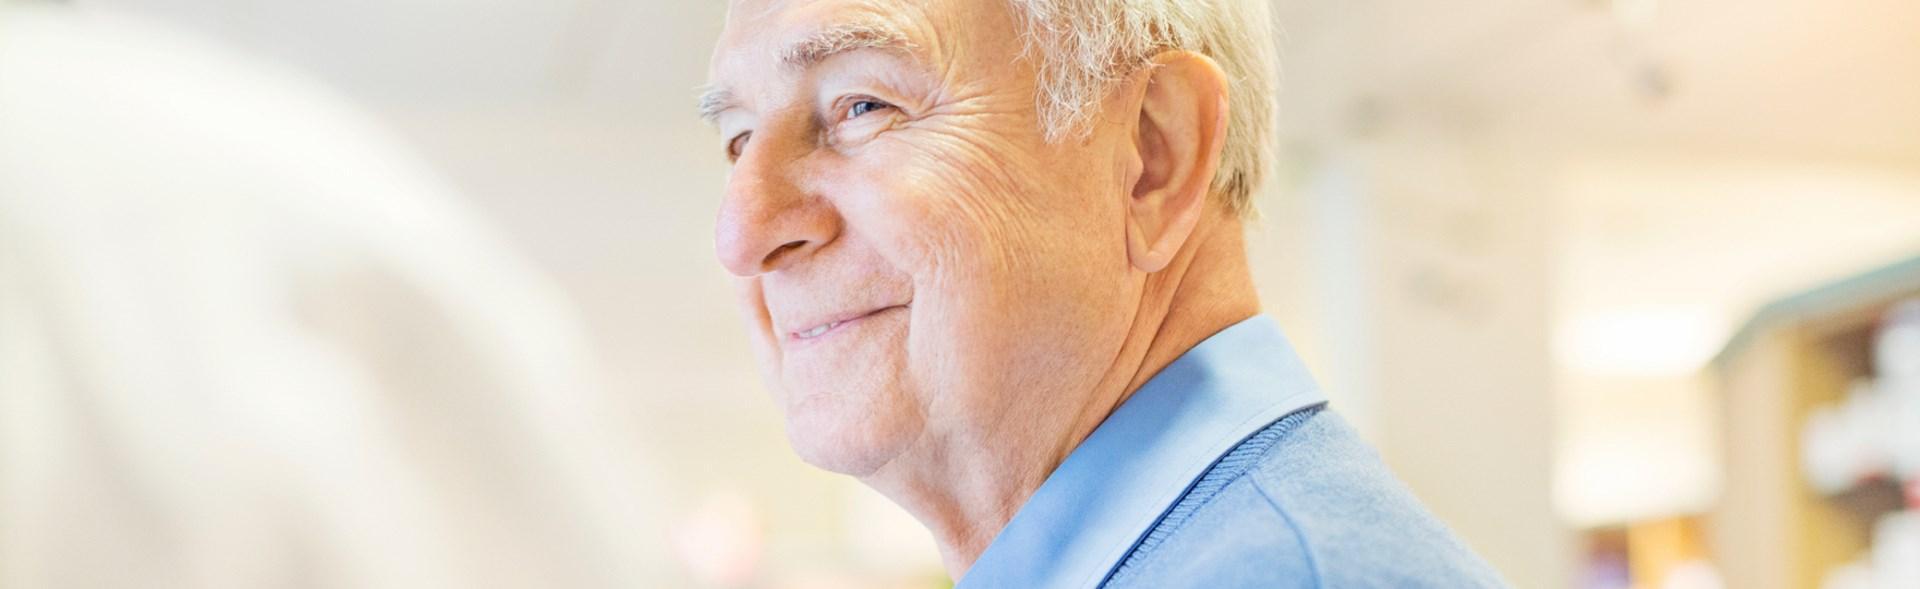 Diagnose COPD - Banner